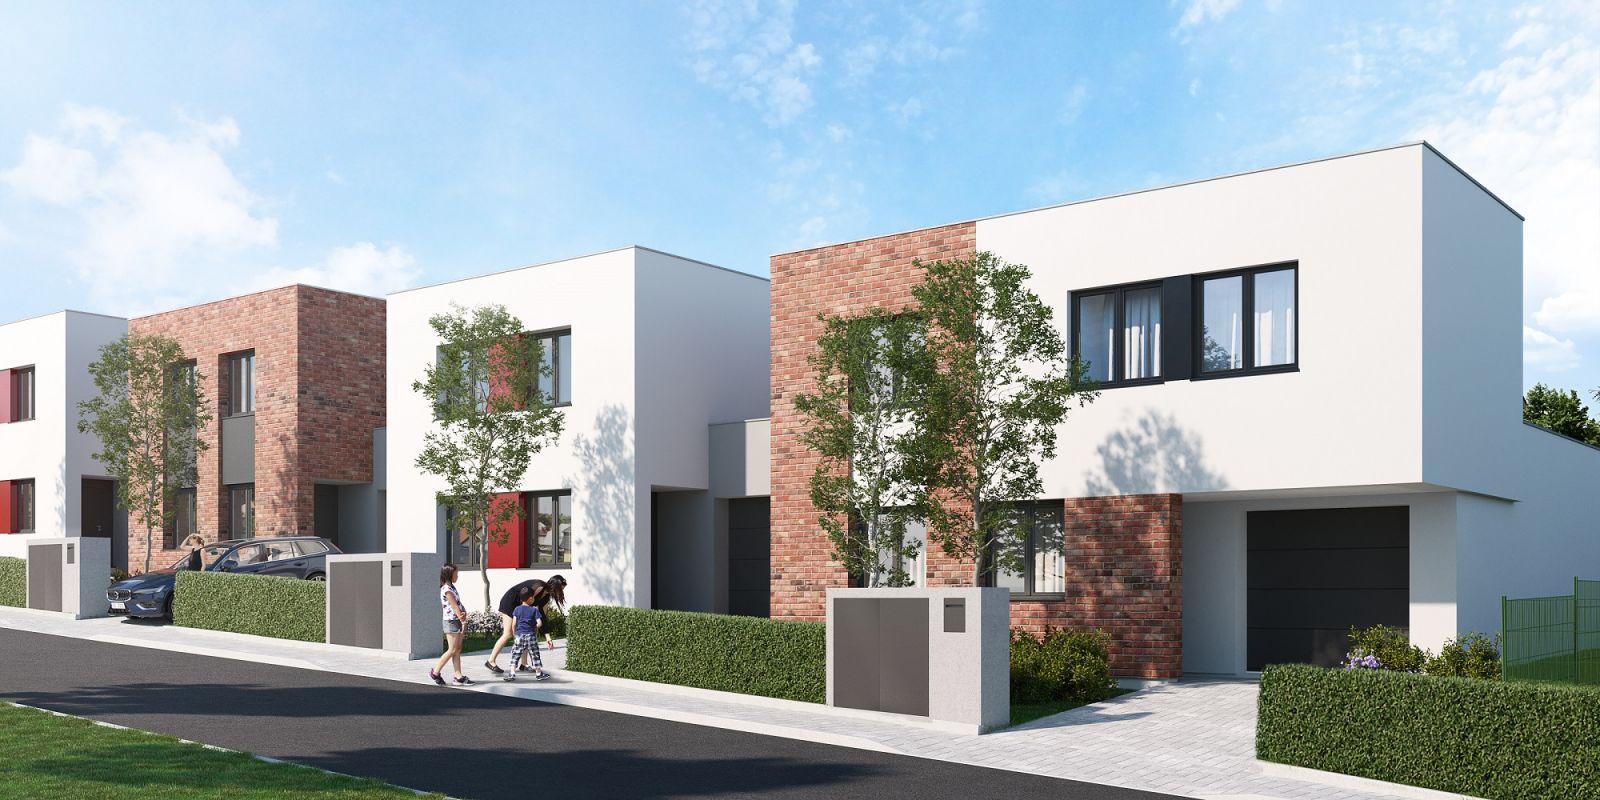 Prodej nového rodinného domu 159m2 na pozemku 286m2